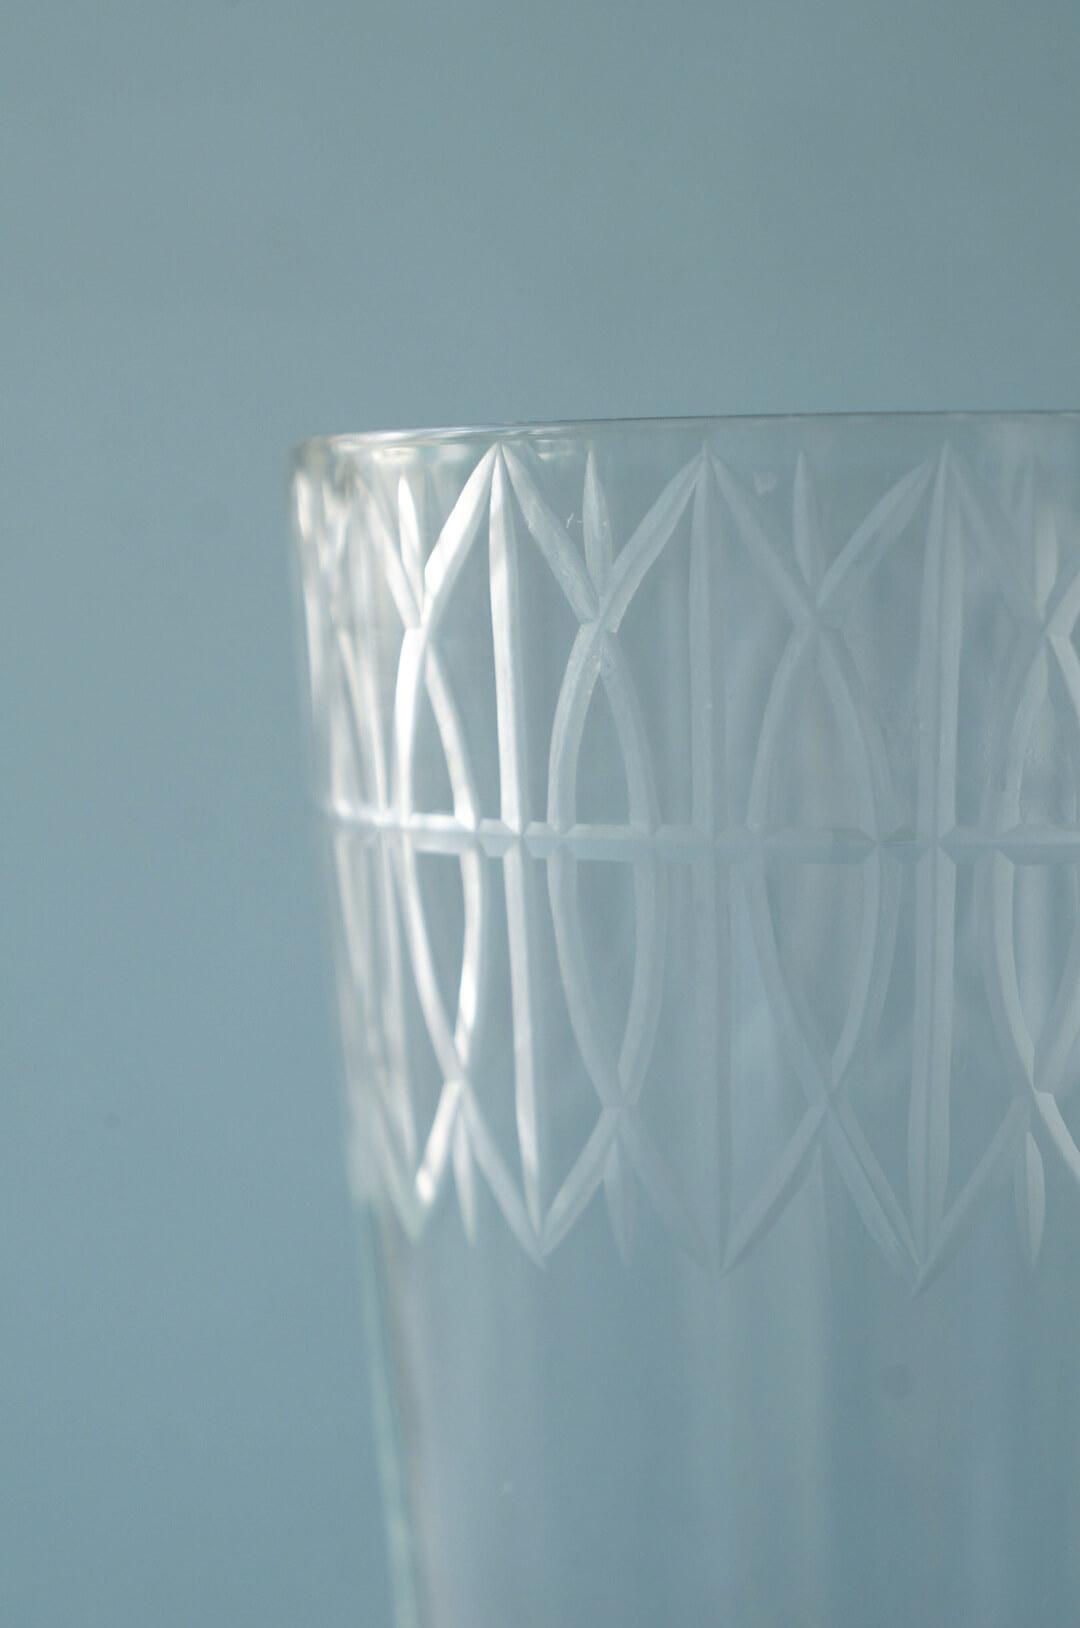 Sybilla Casa Glassware Glass Tableware/シビラ ガラス食器 グラス テーブルウェア インテリア 1